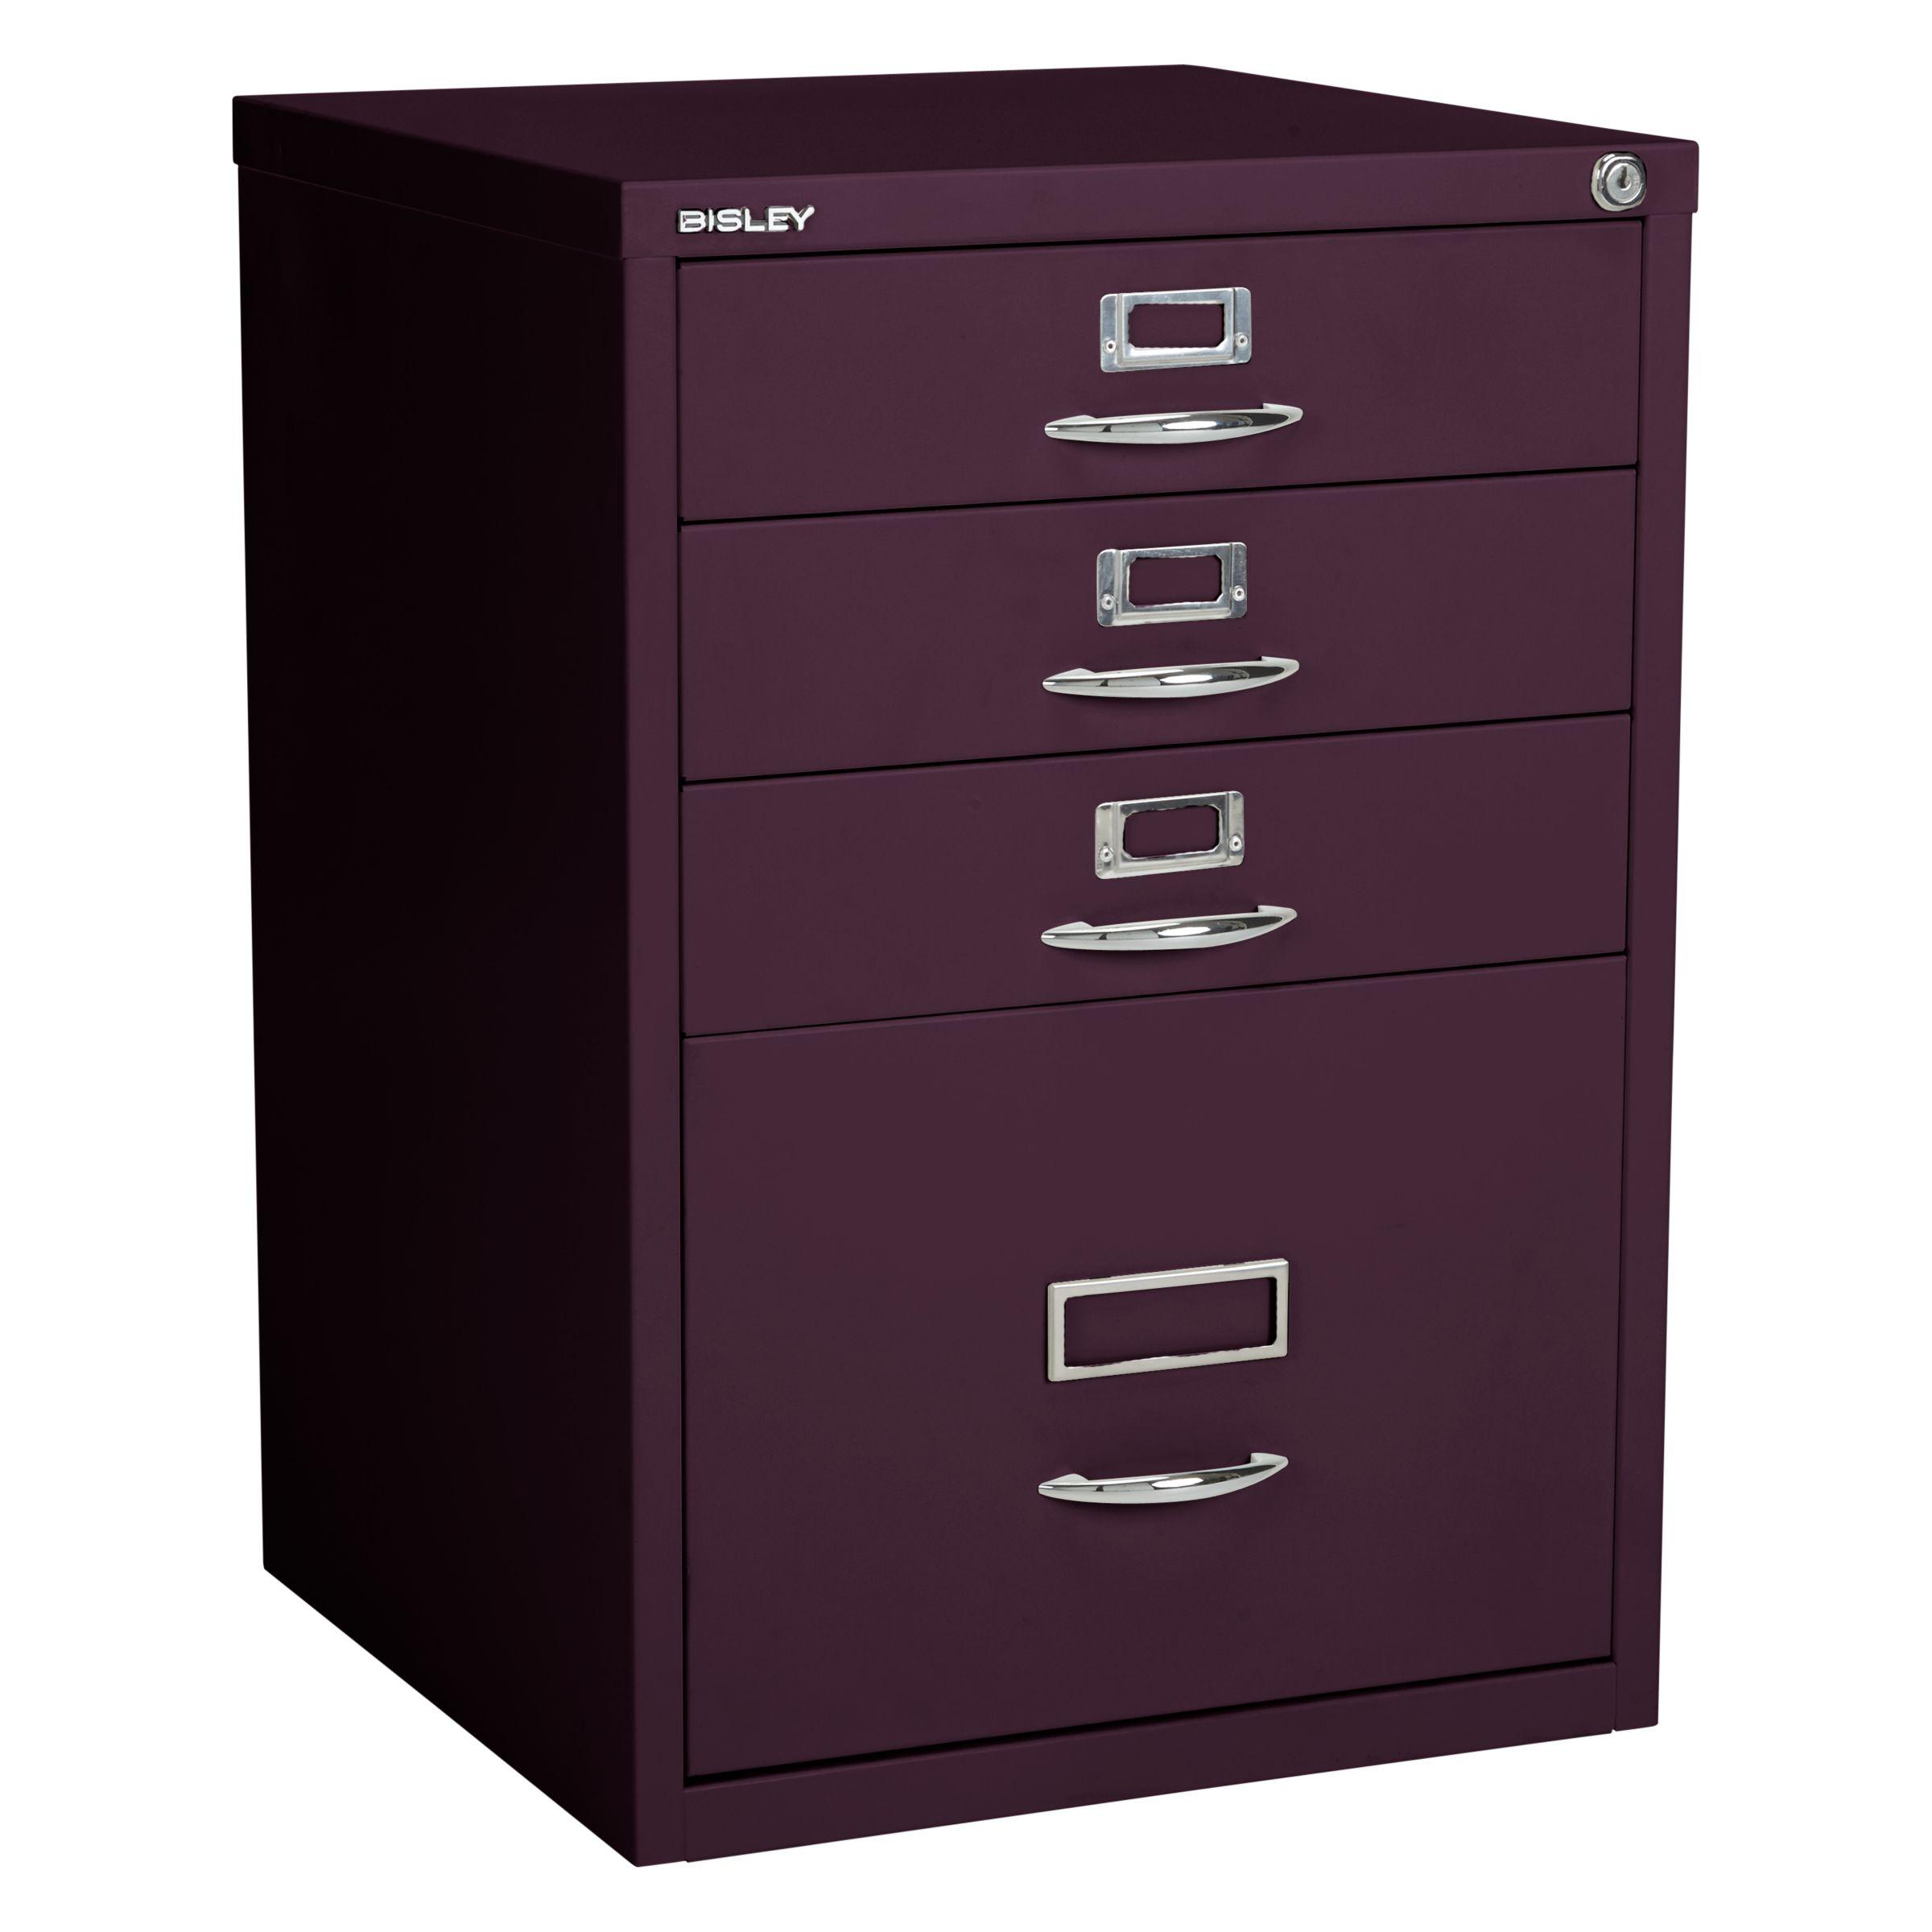 Bisley Bisley Combi Filing Cabinet